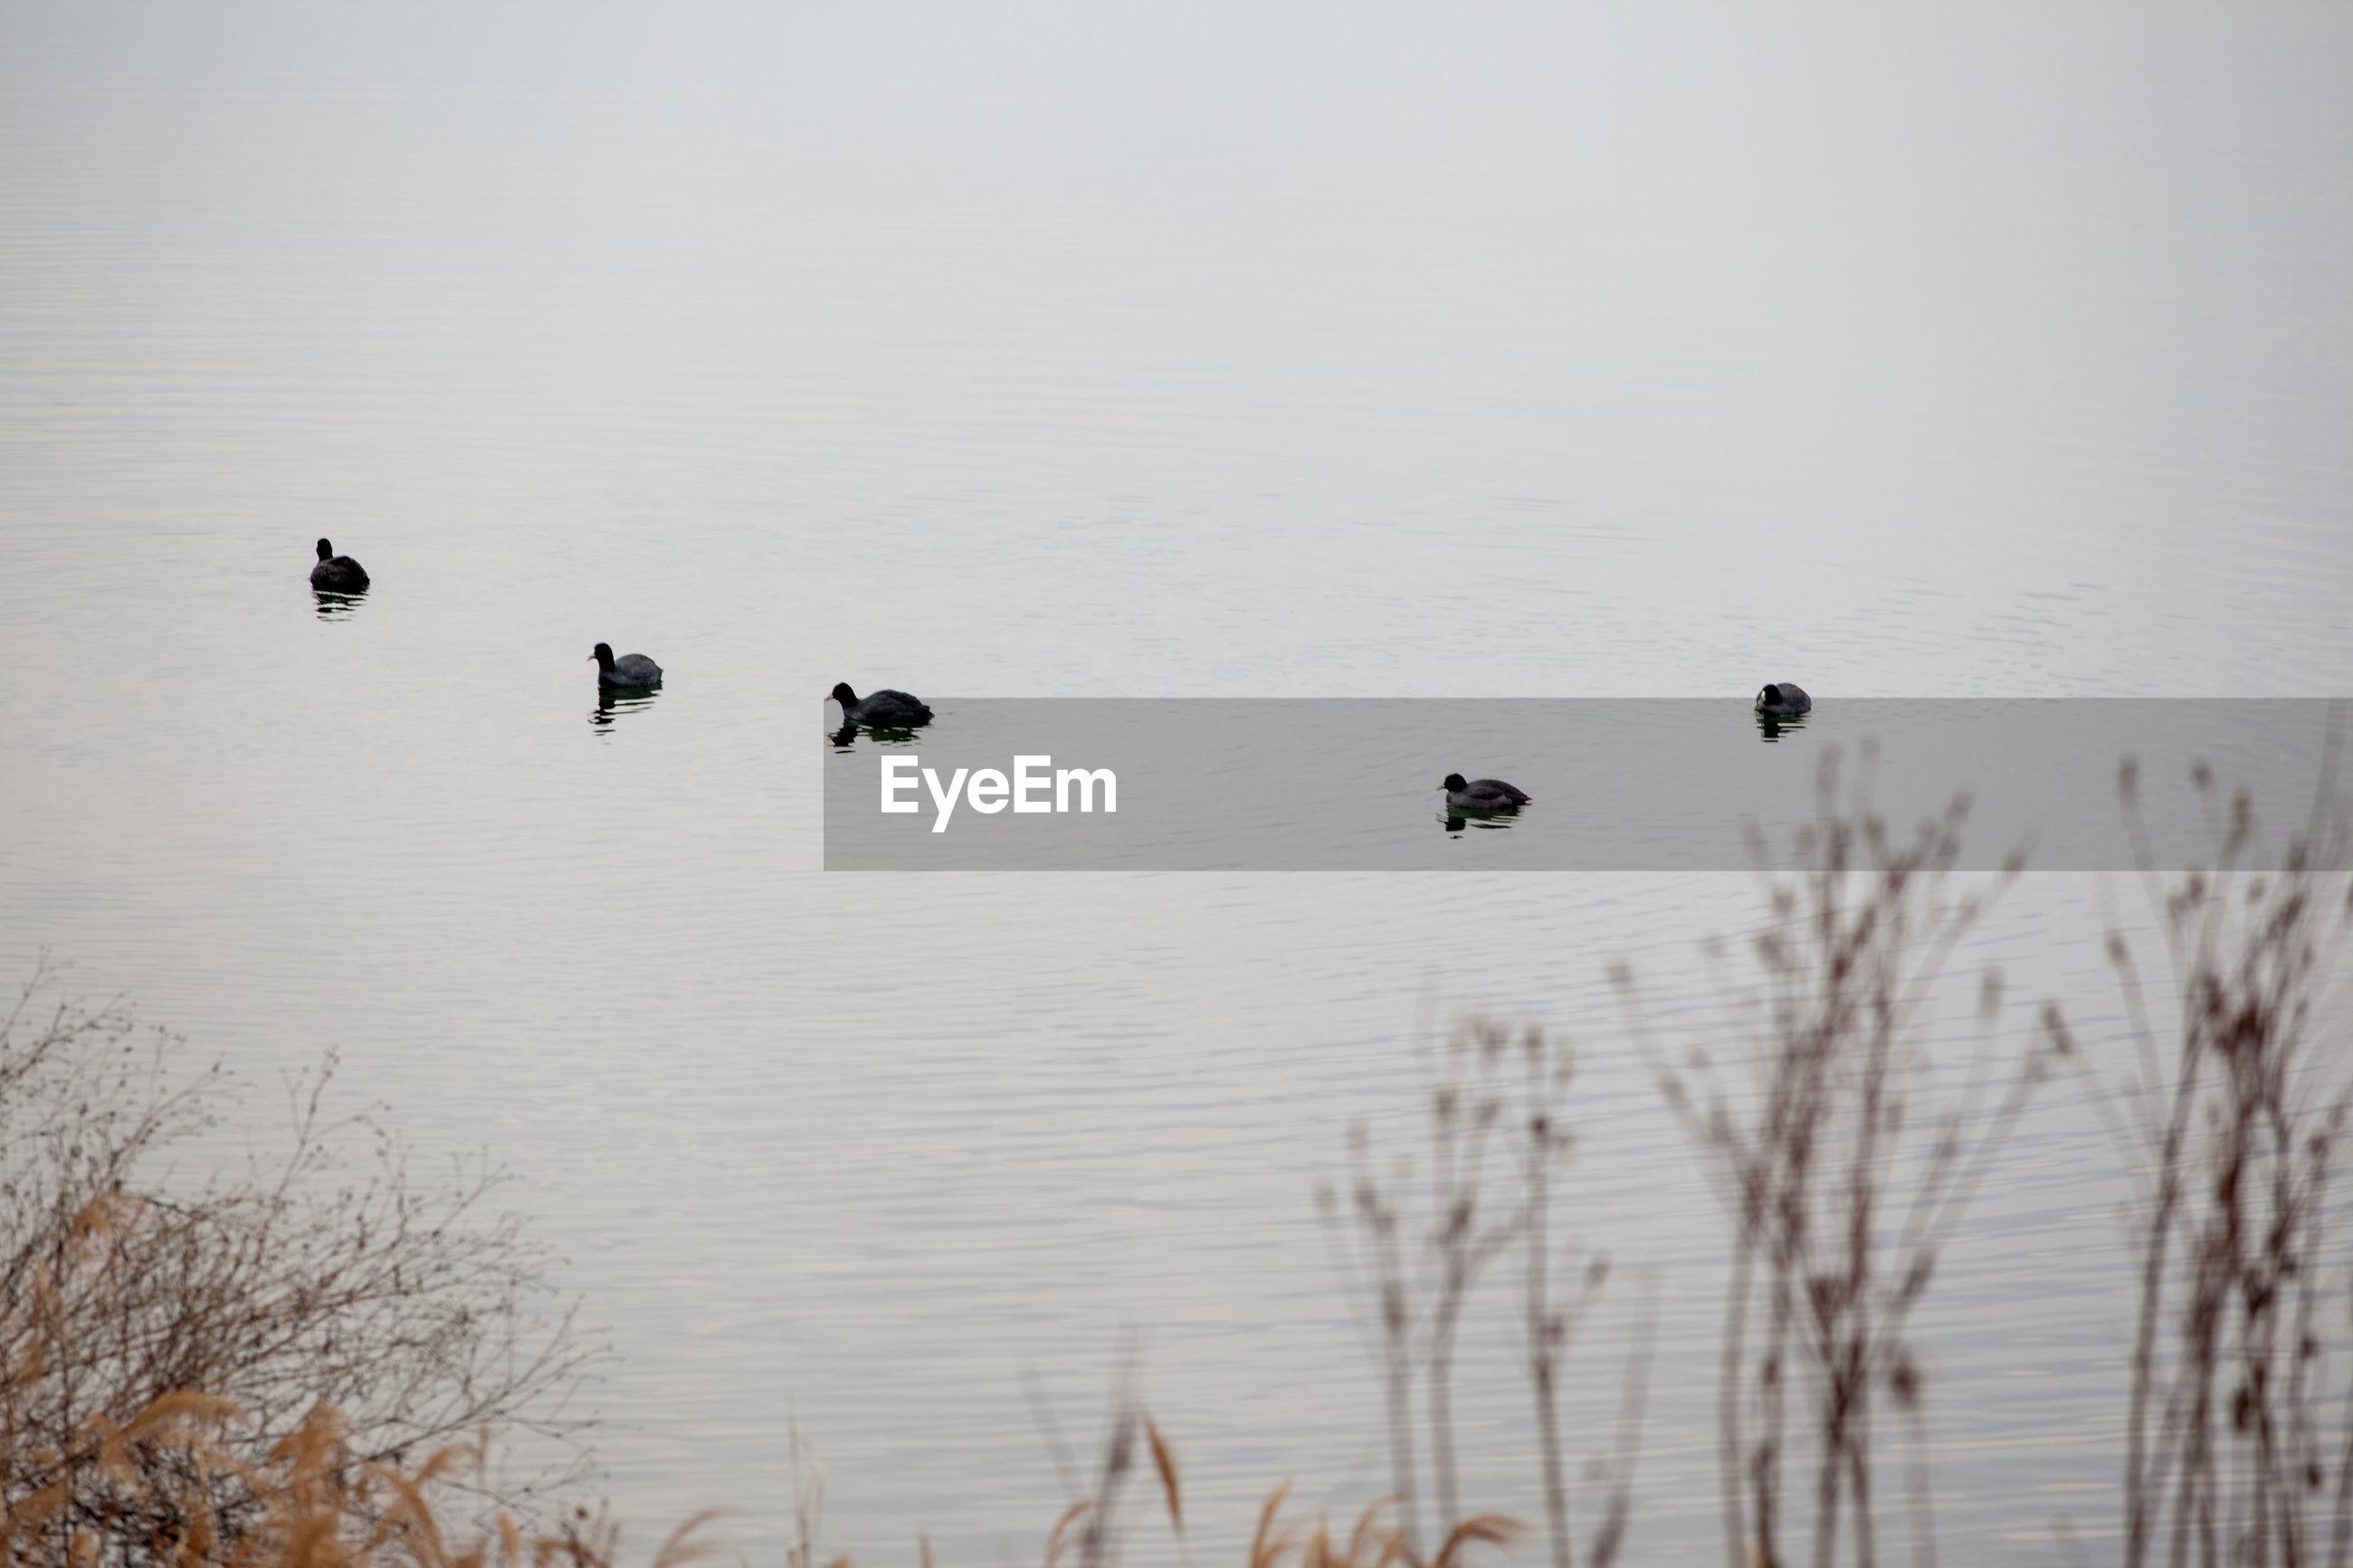 Flock of birds flying over lake